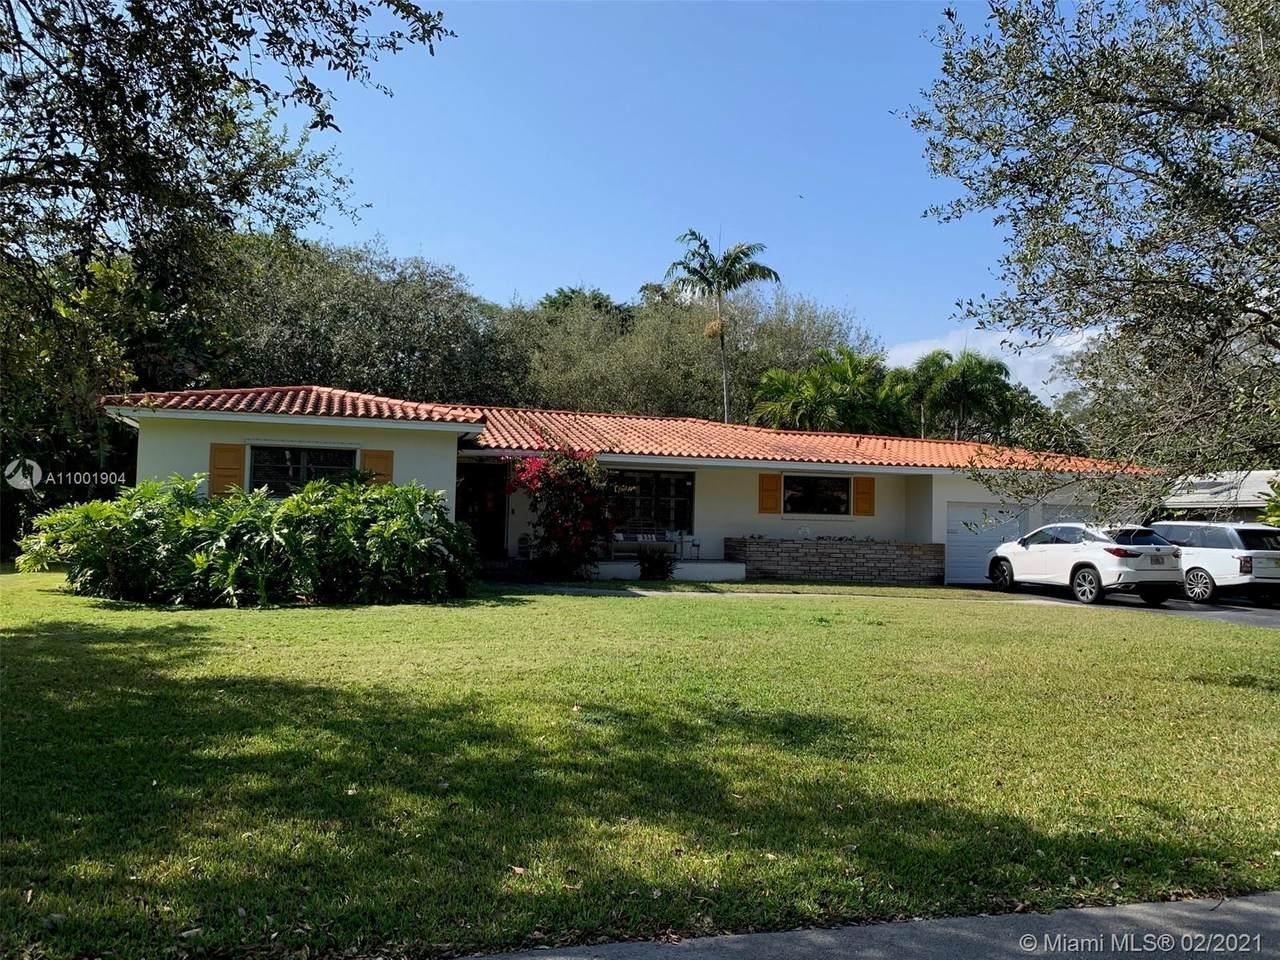 7810 Altamira Ave - Photo 1